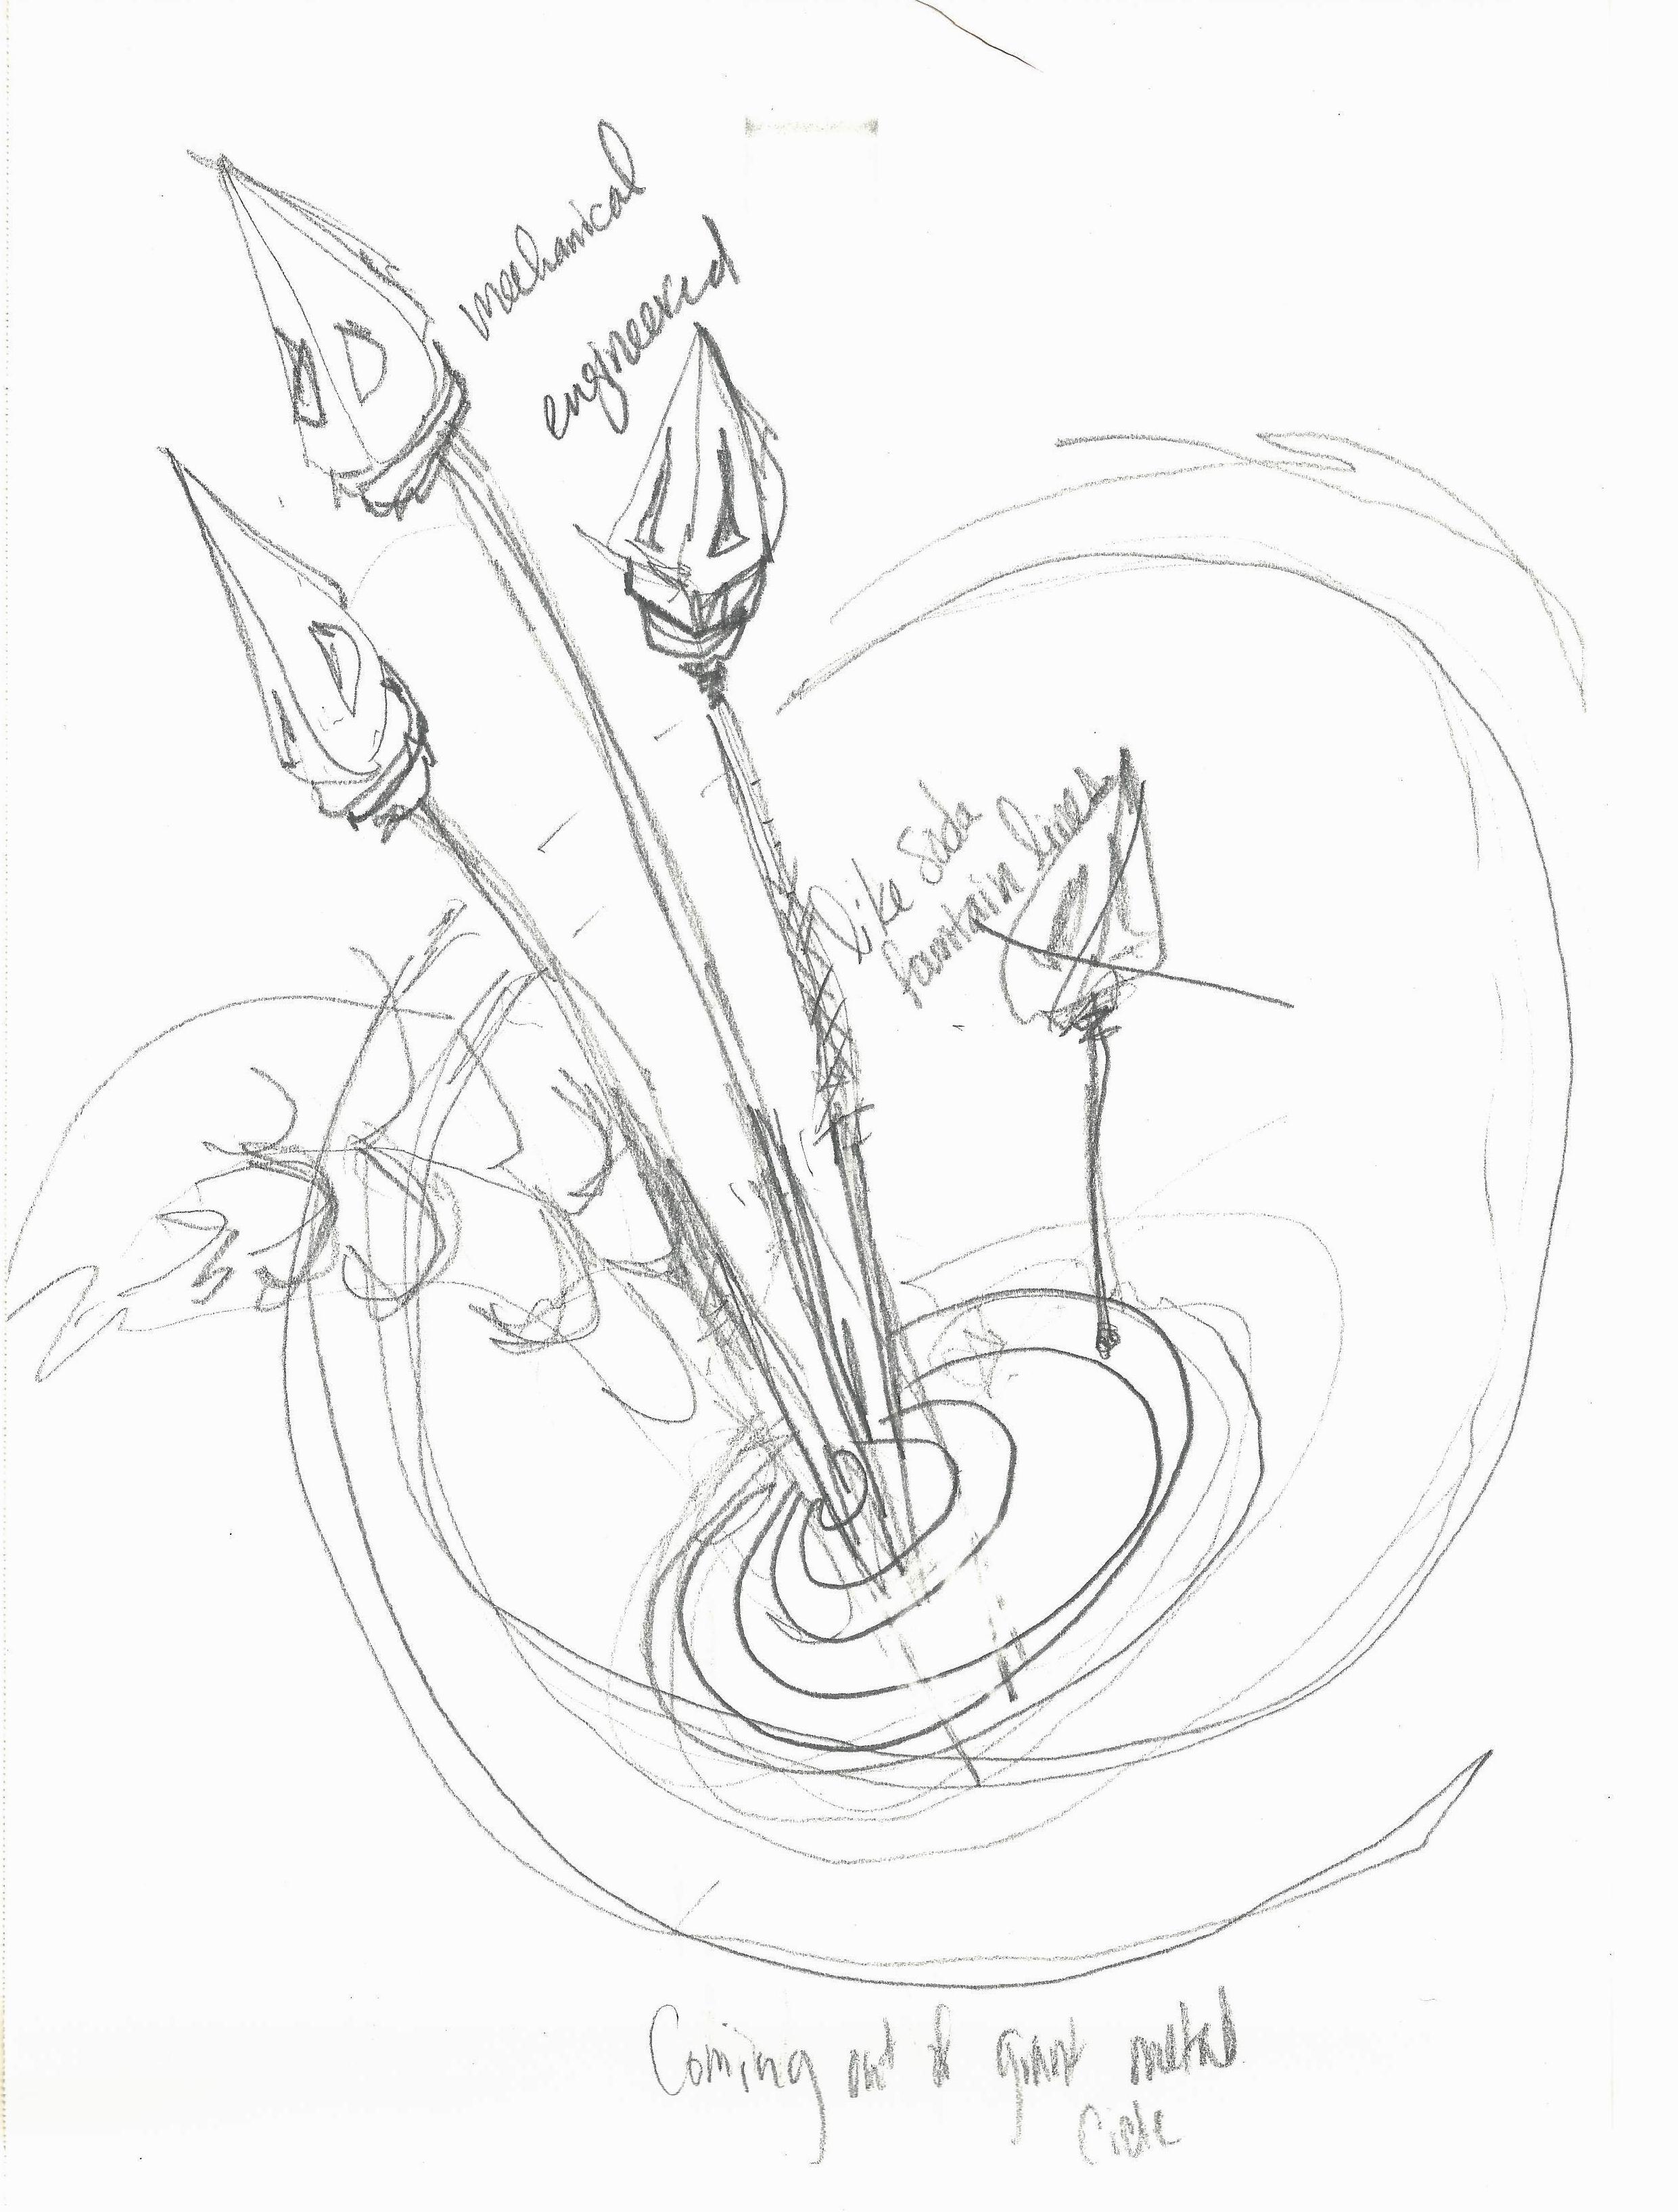 Ikebana sketch0004.jpg